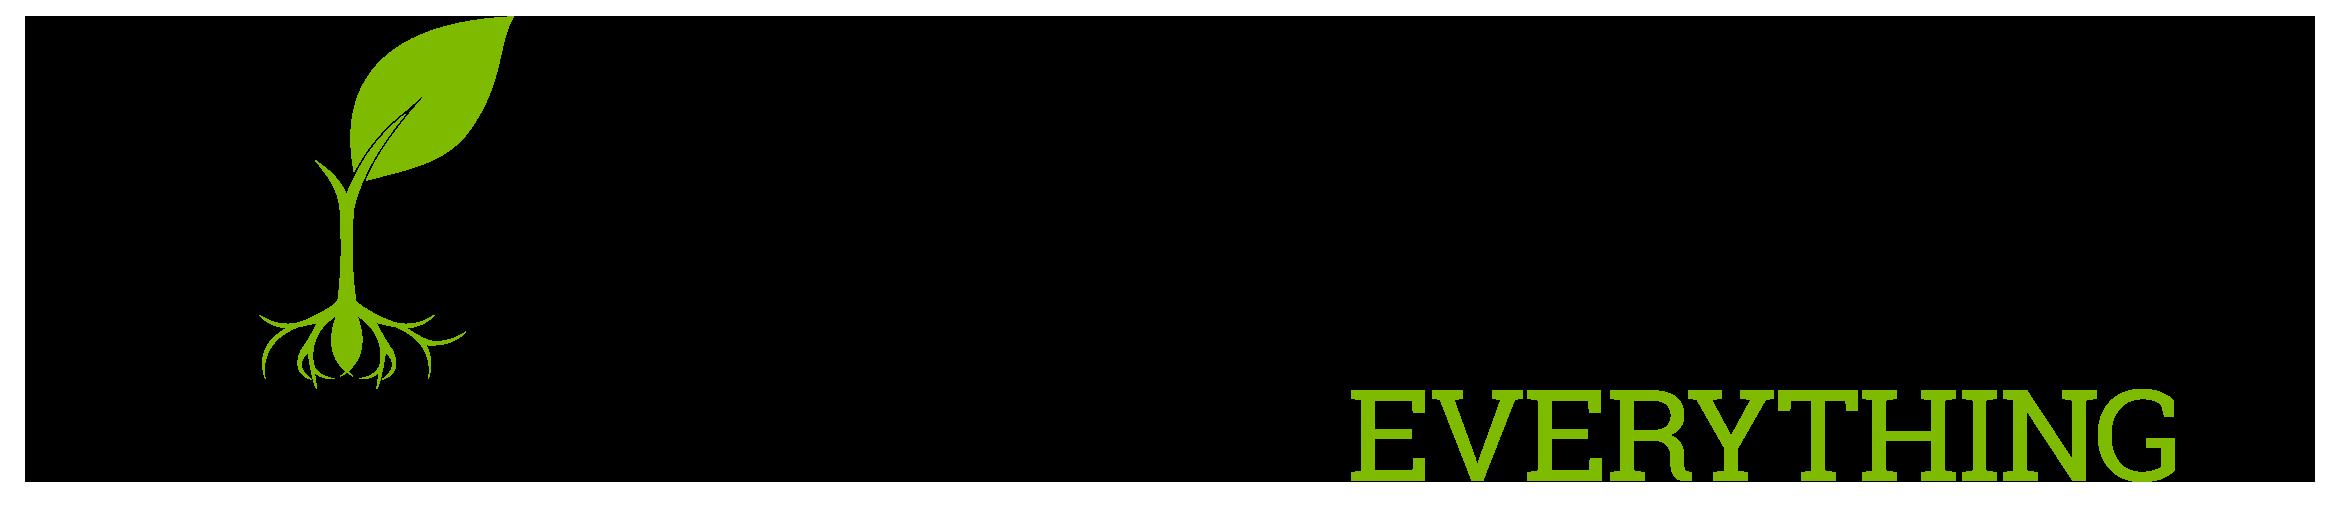 illustration/logo